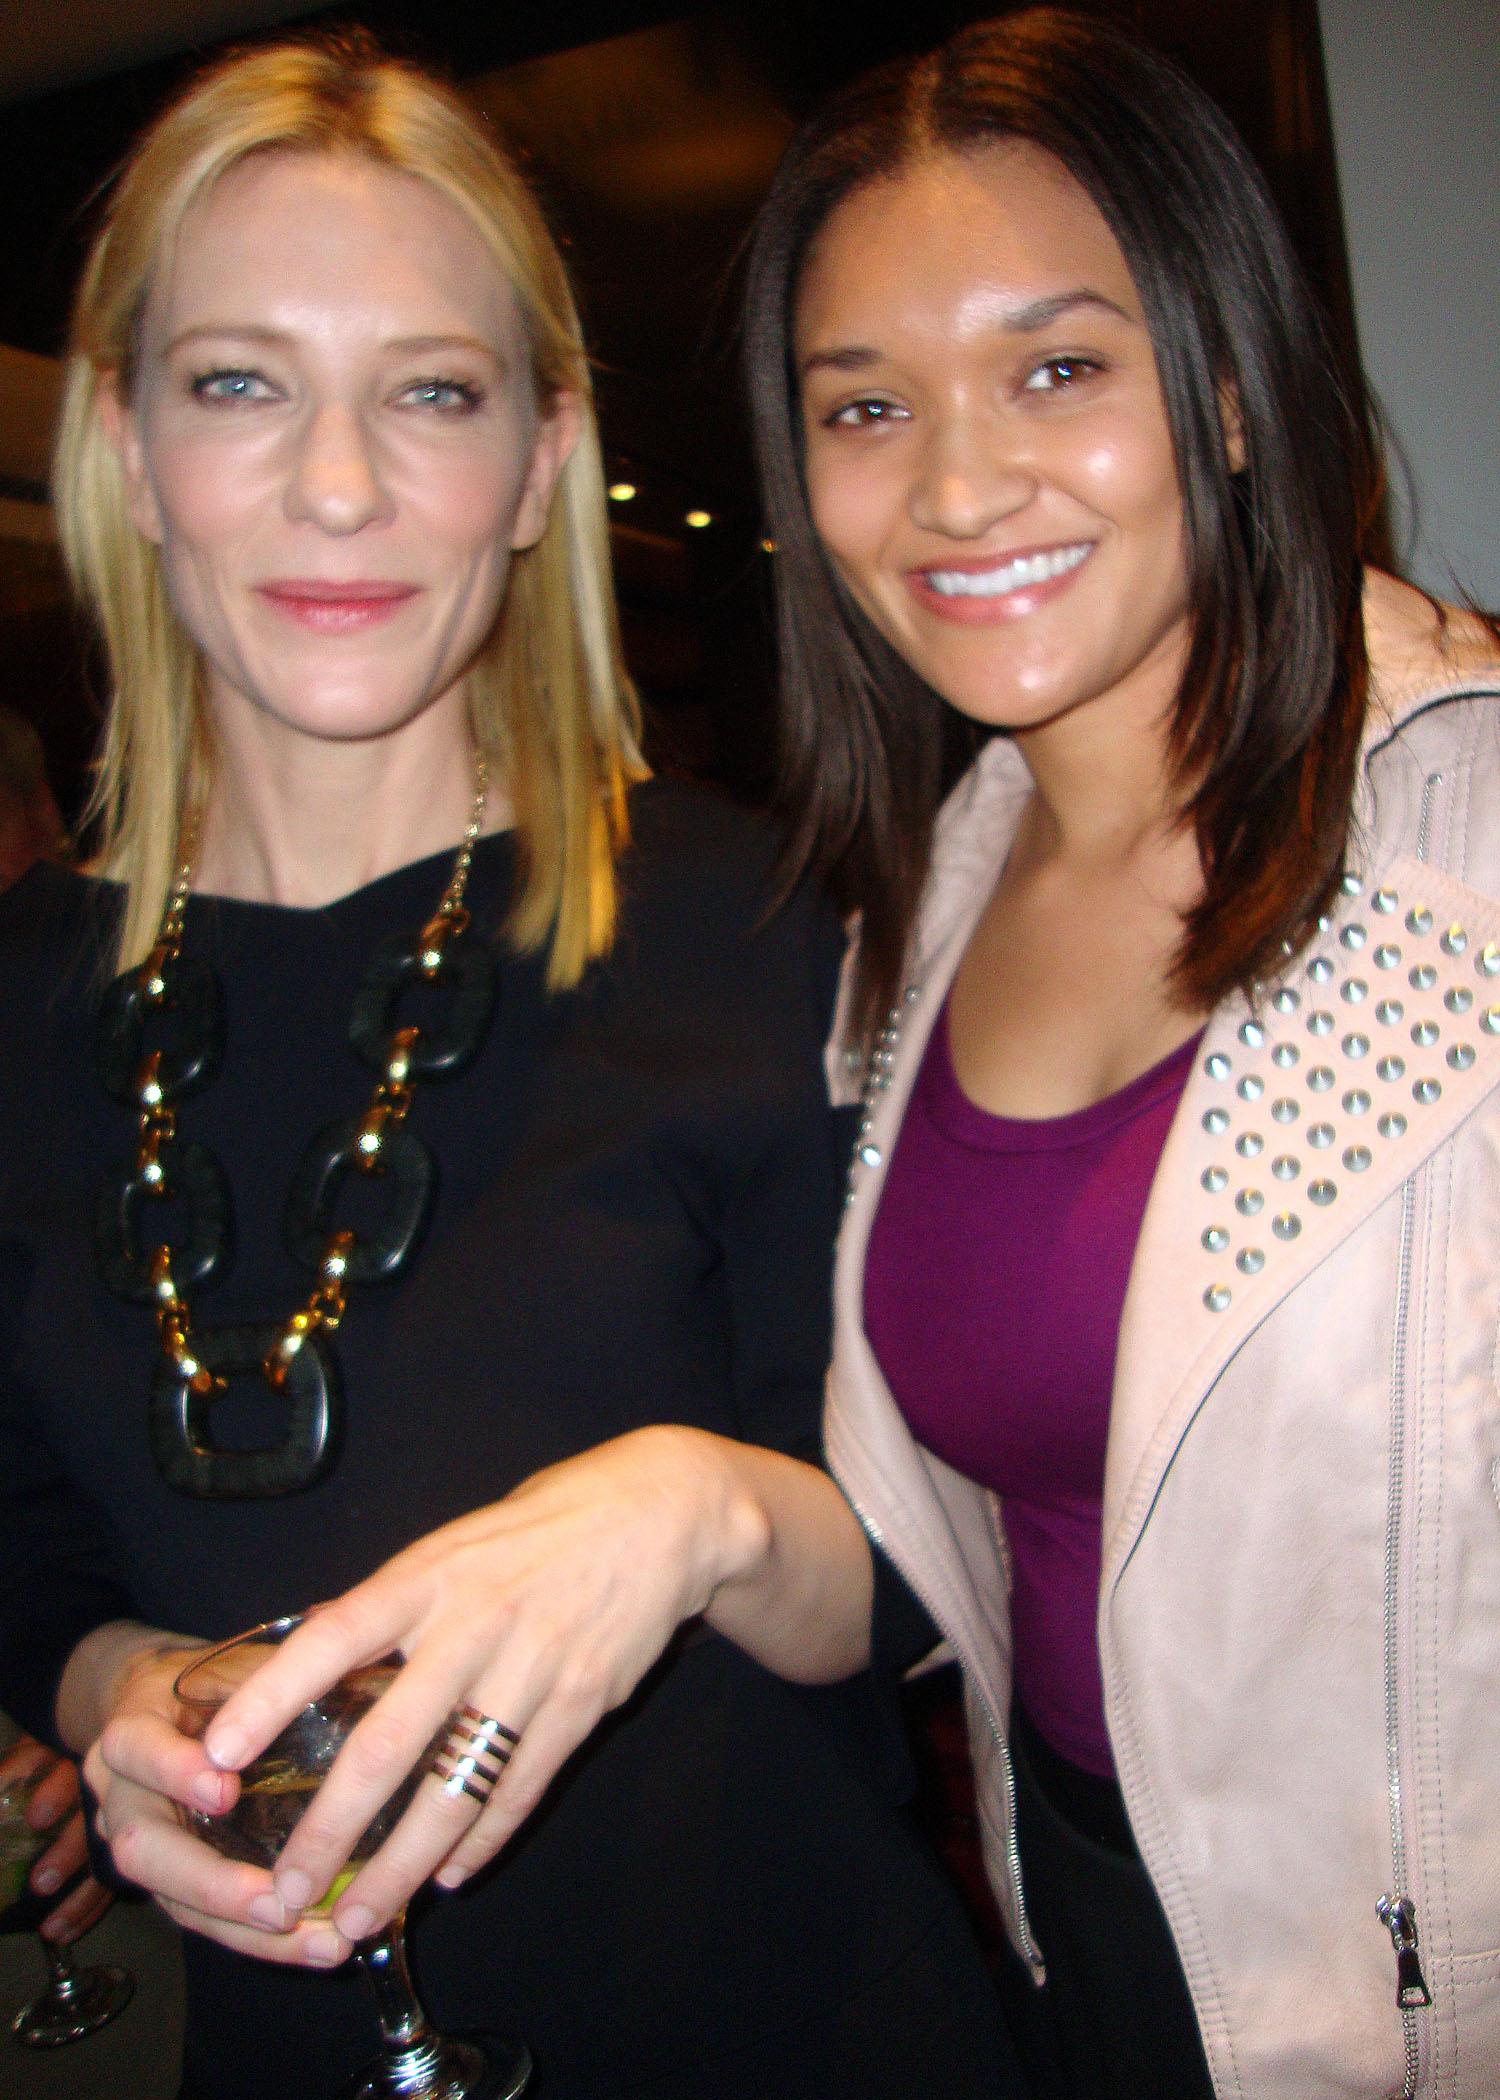 Etalvia Cashin and Cate Blanchett